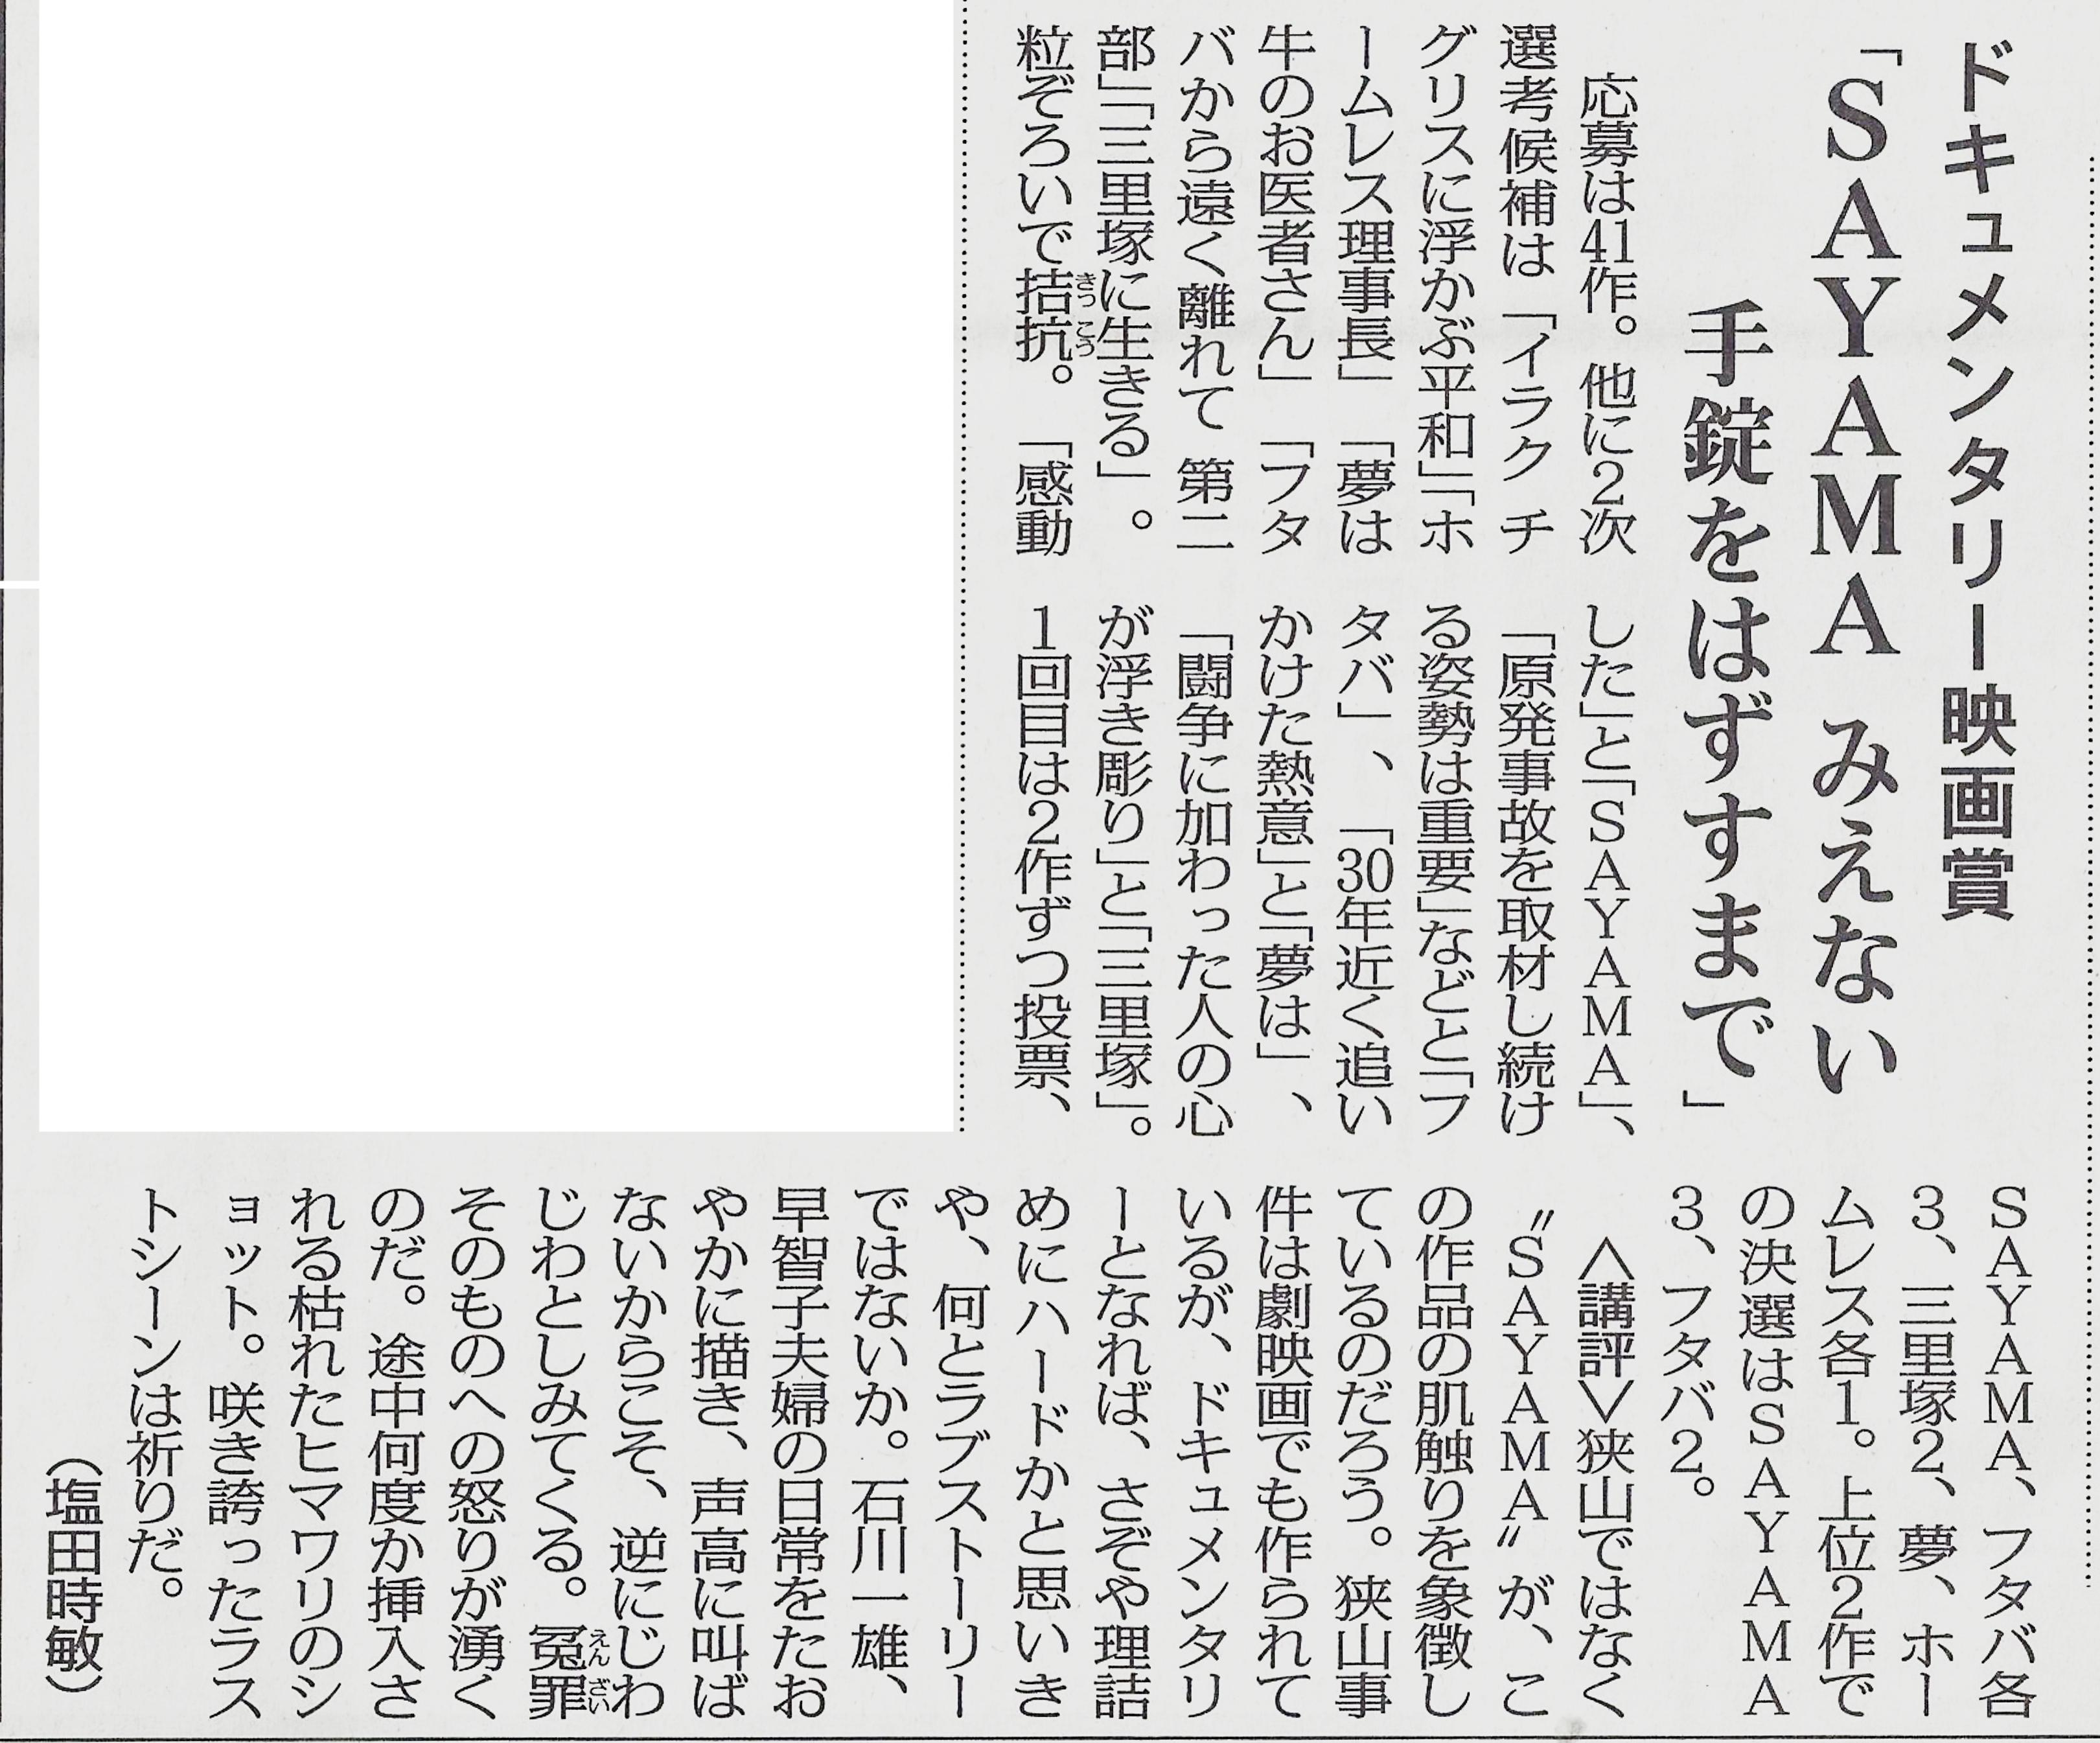 毎日新聞 2015.1.31